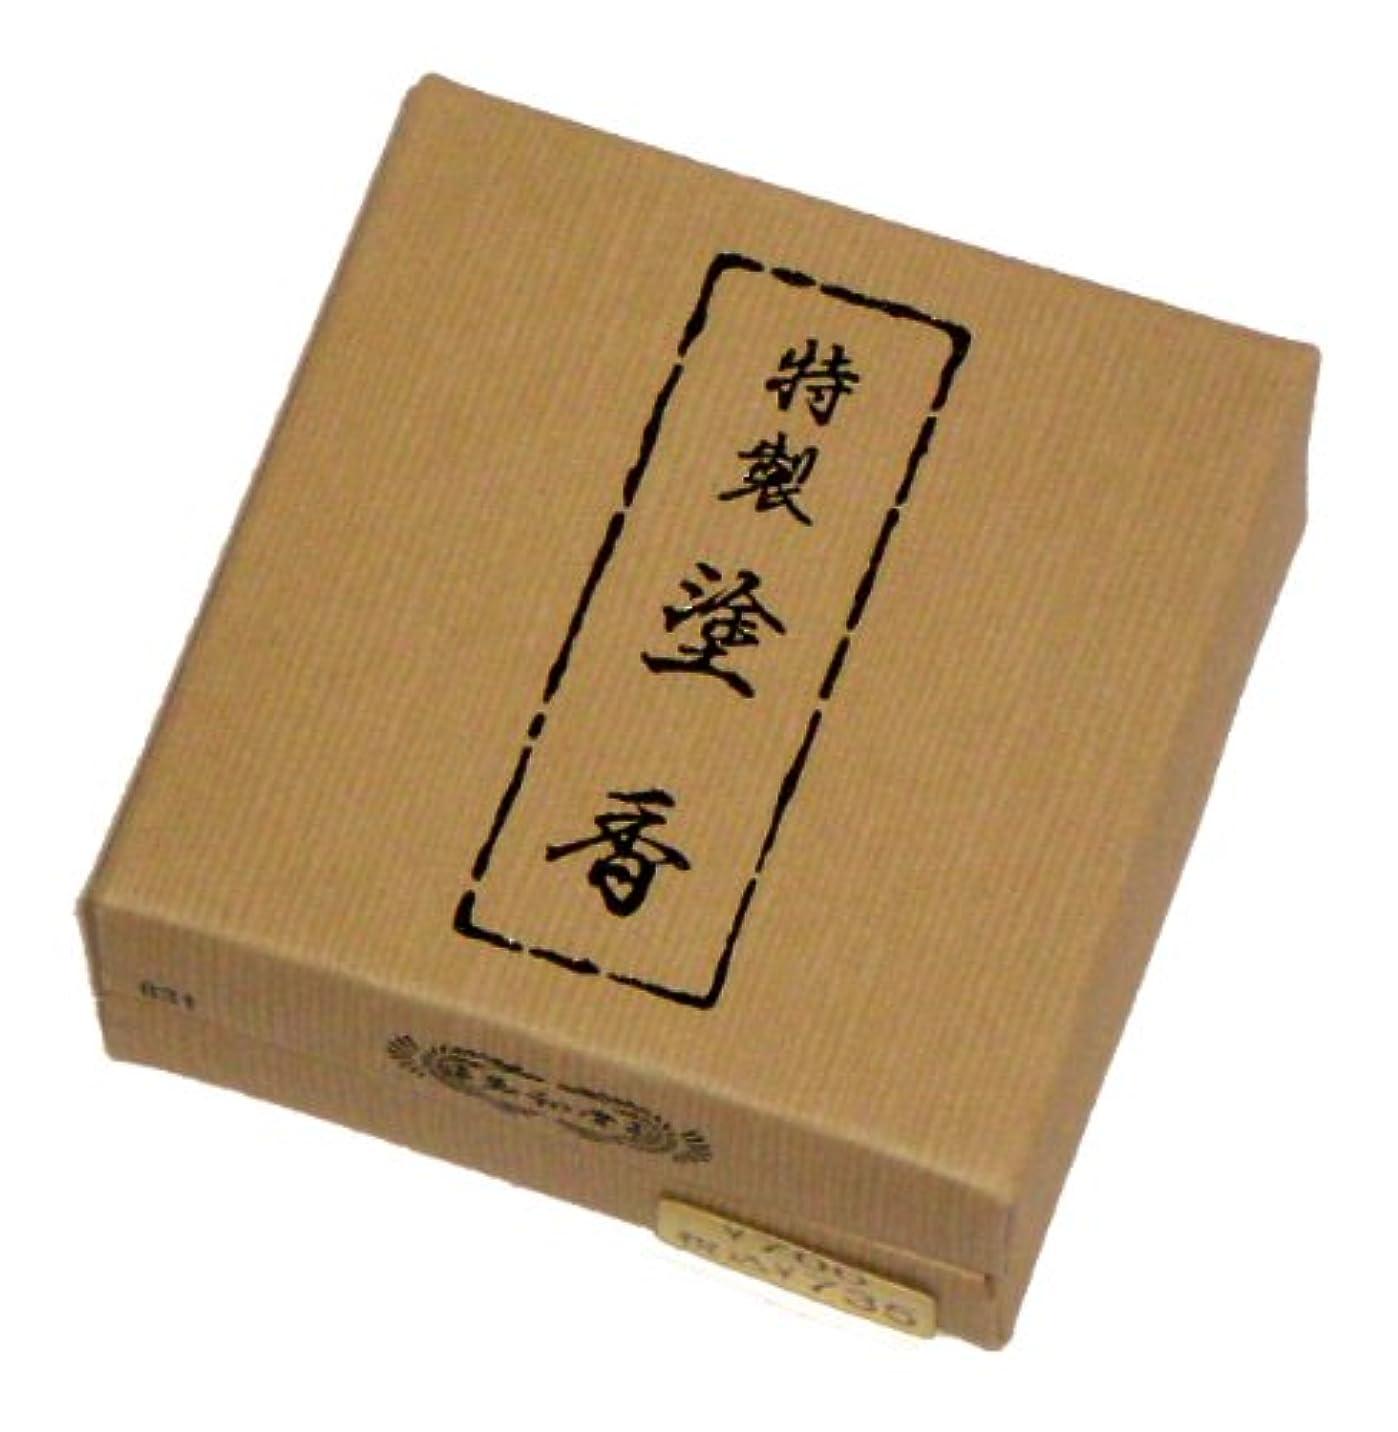 文急勾配の通路玉初堂のお香 特製塗香 15g 紙箱 #831